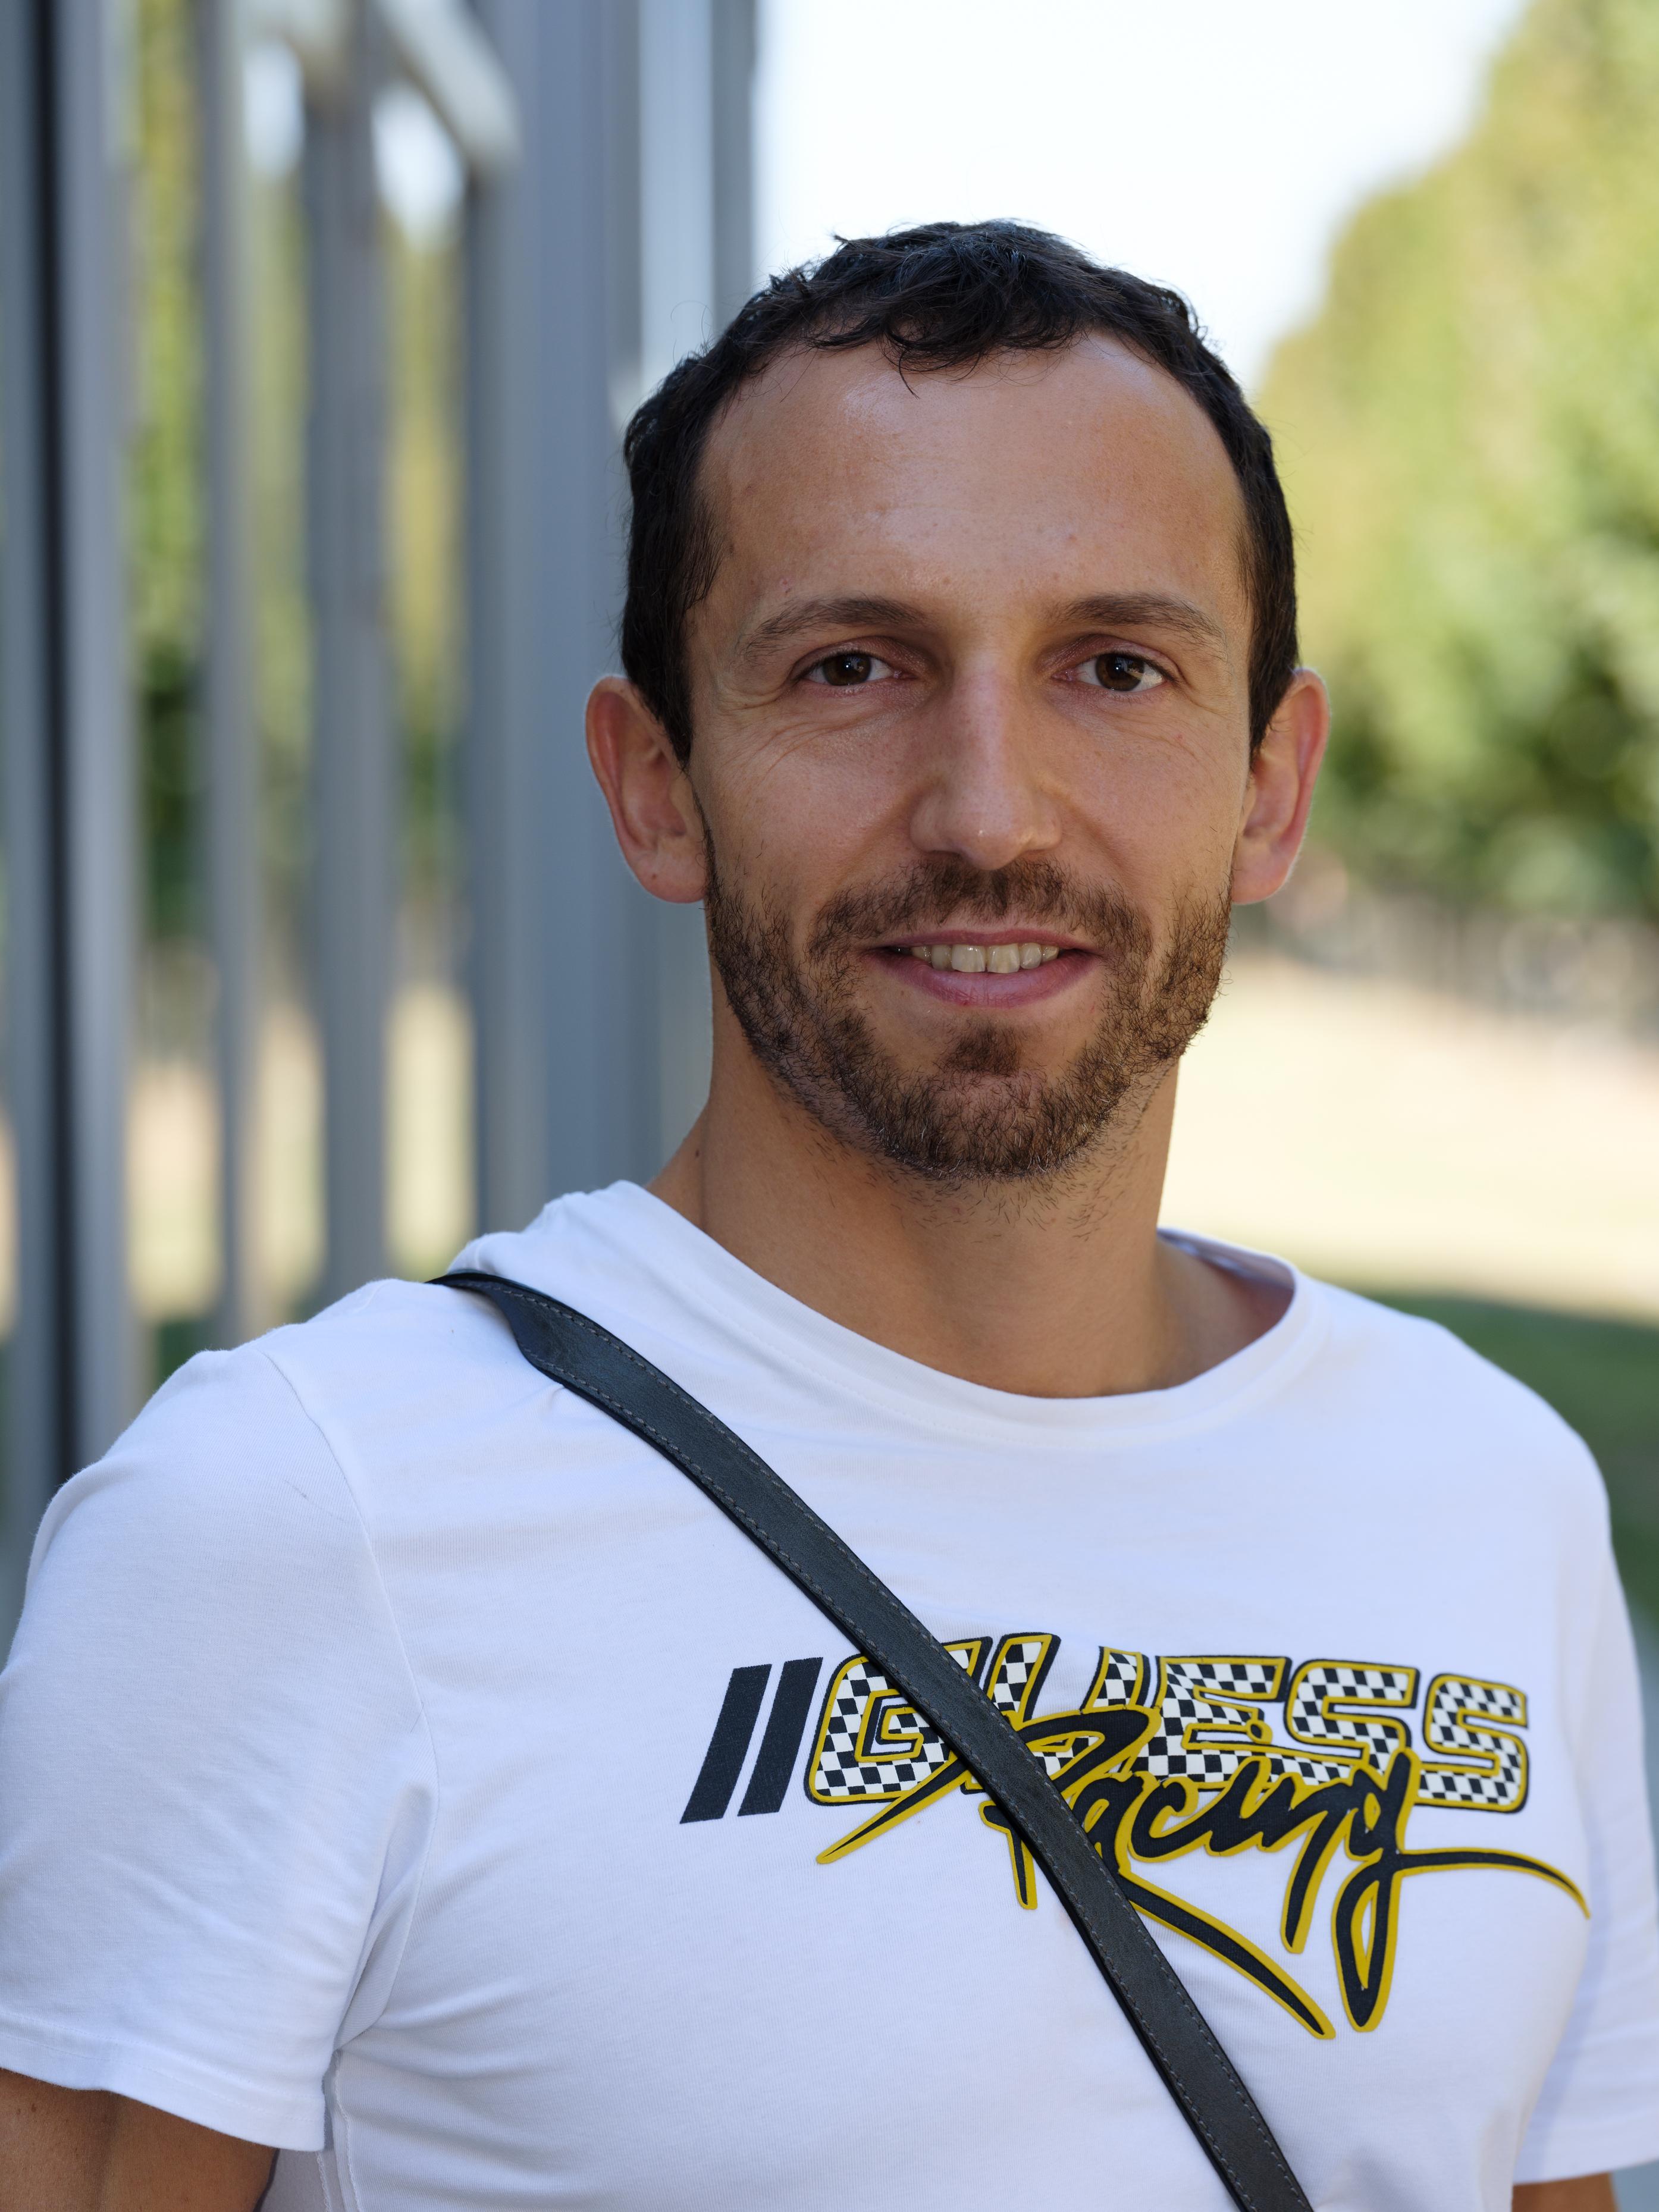 Francesco Zammori